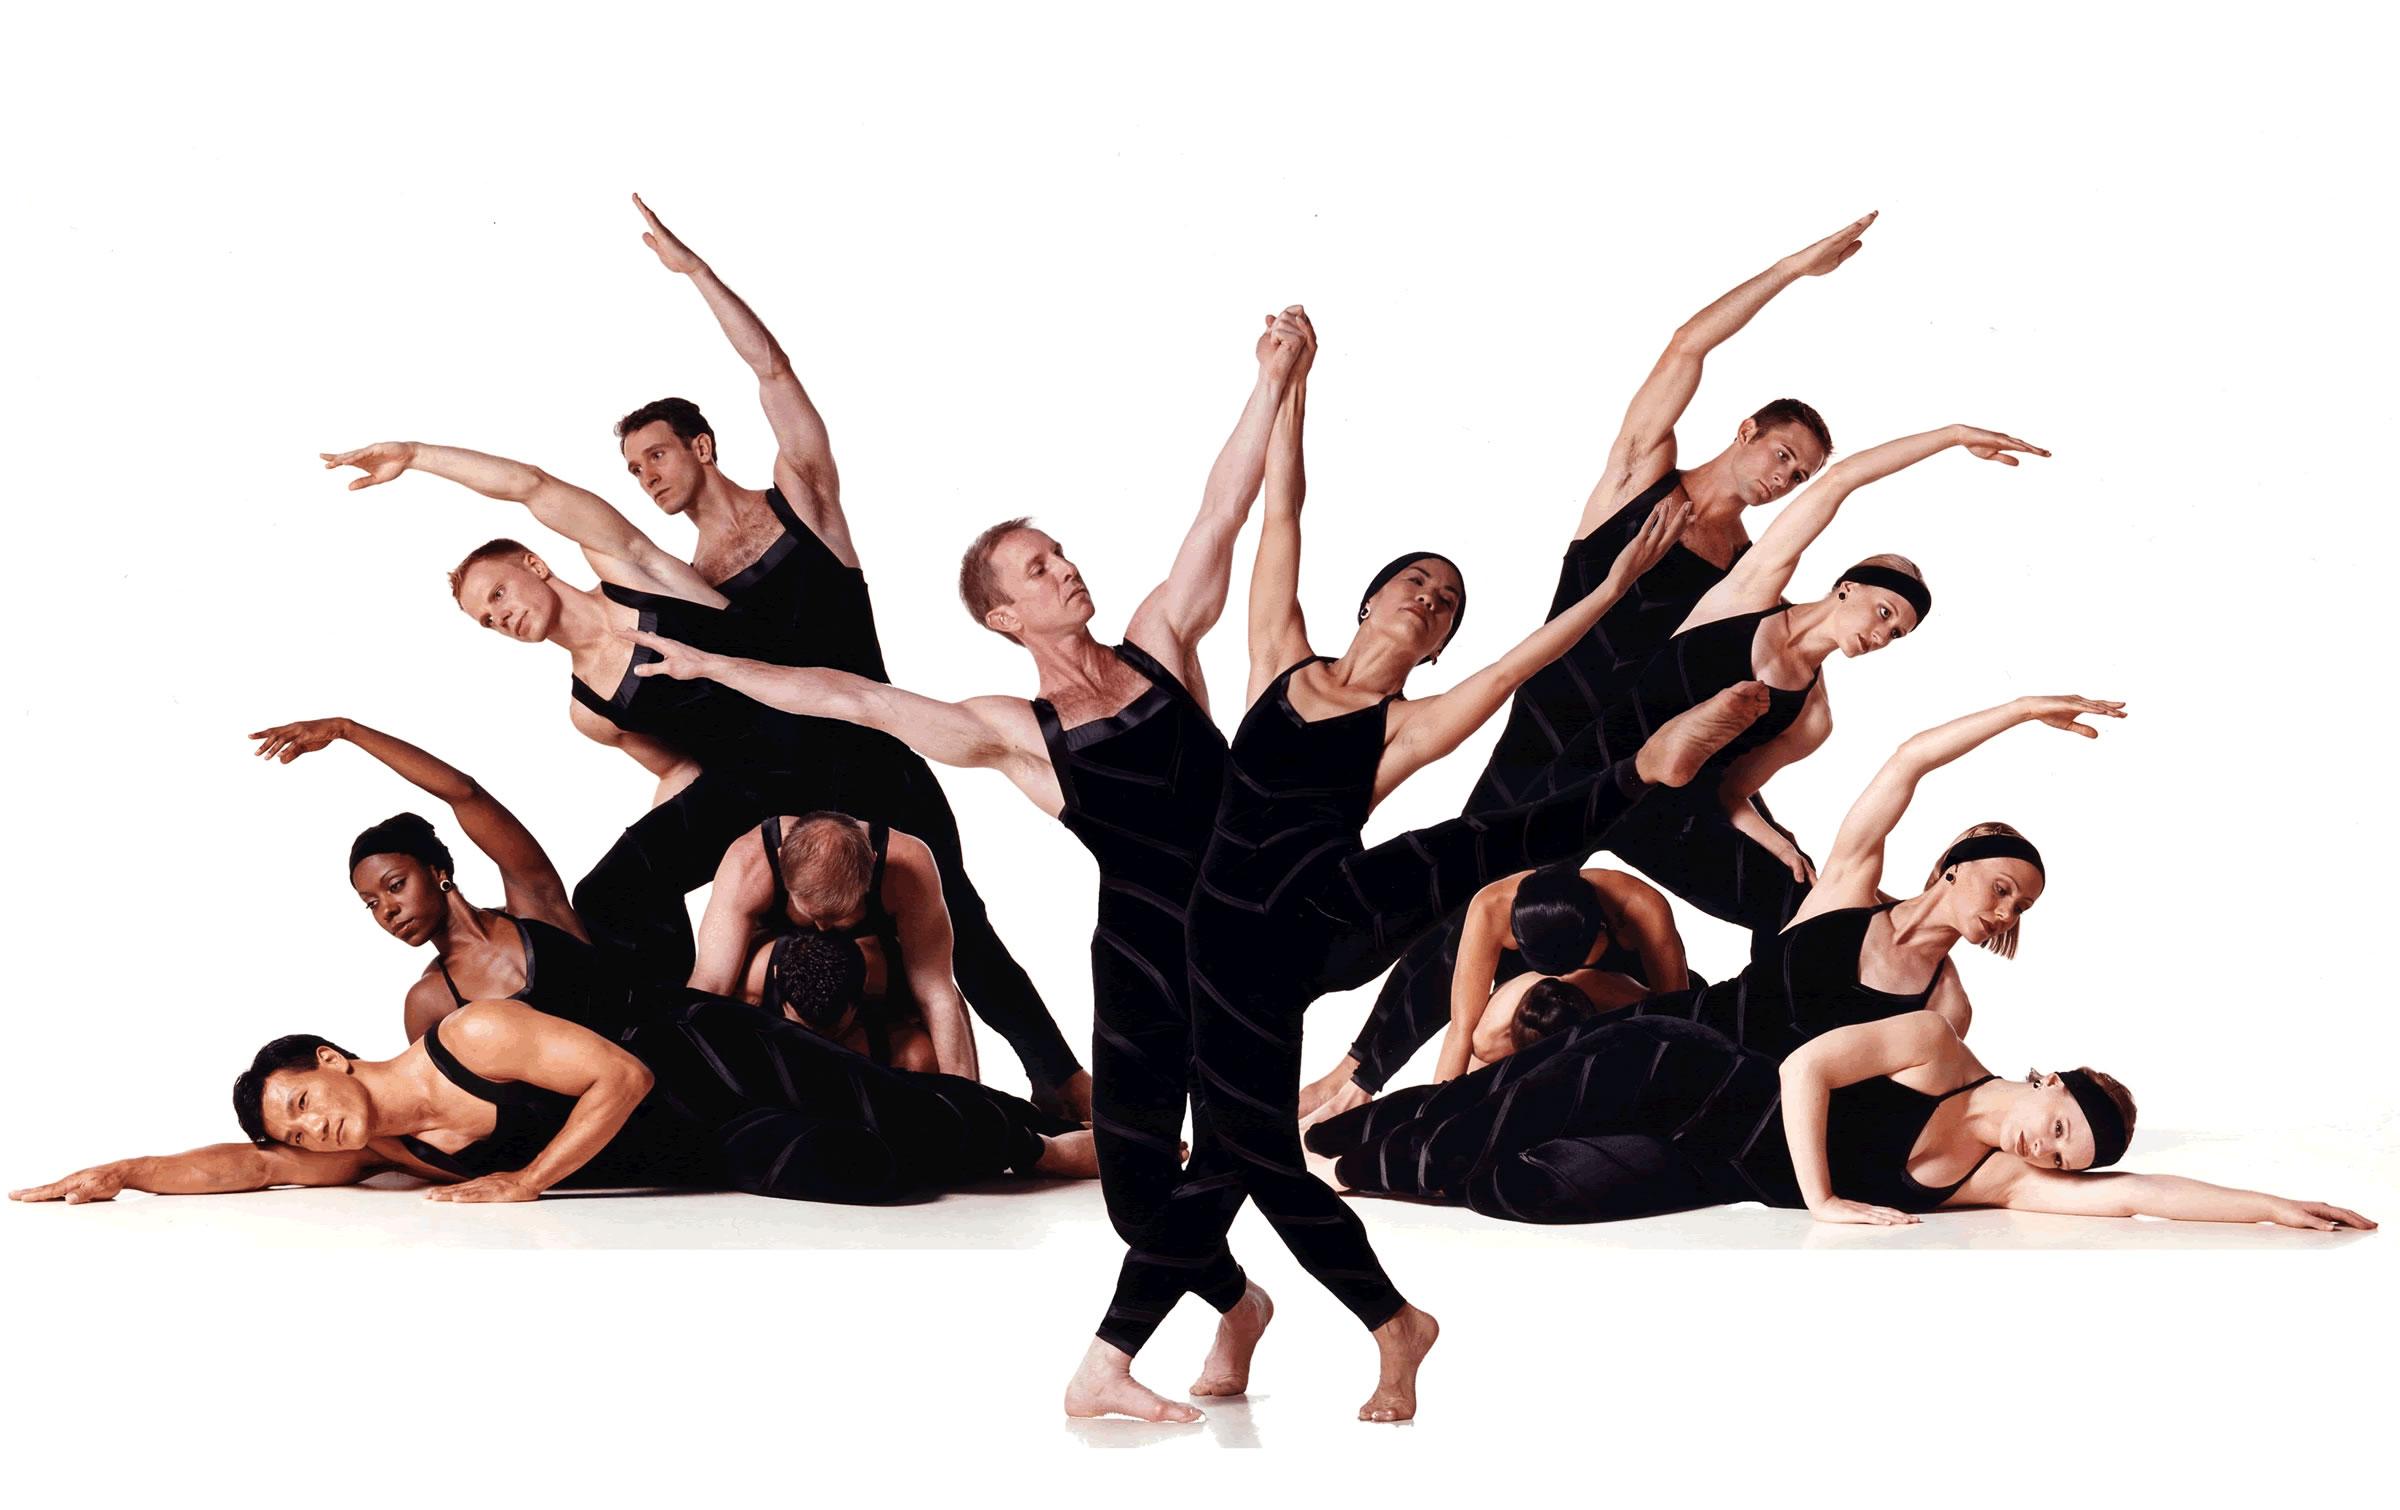 невероятное архитектурное позы для фотографии танцевальным коллективом встречи предыдущих шести